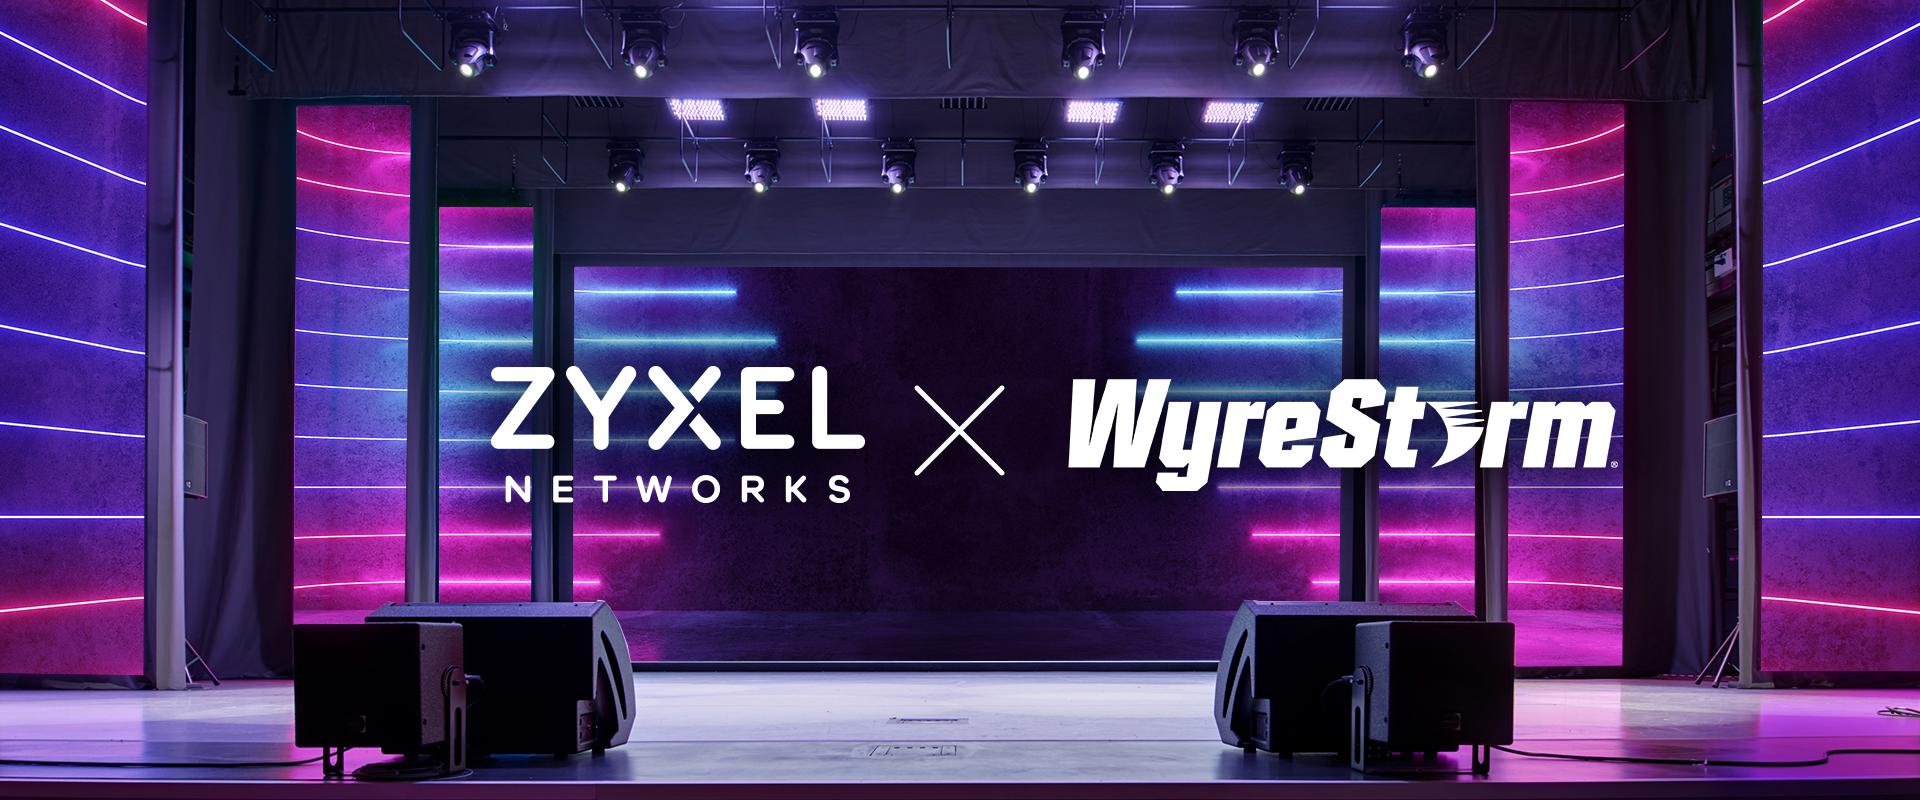 Zyxel colaborează cu producătorul AV WyreStorm pentru a oferi o soluție puternică AV-IP end-to-end